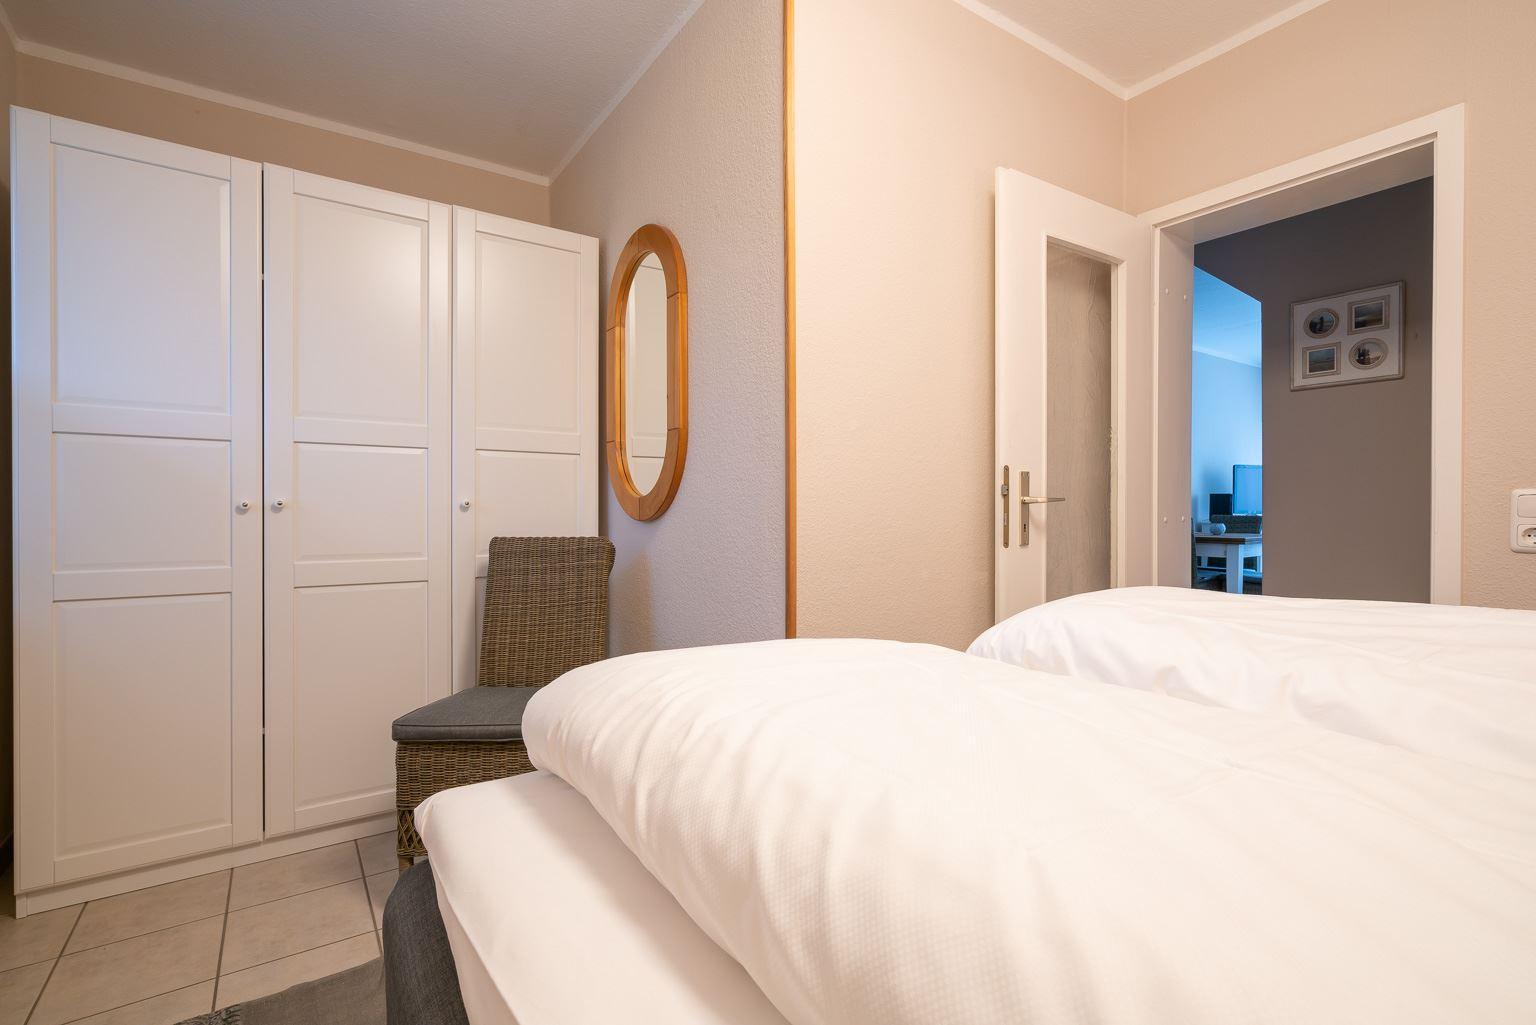 """Schlafzimmer - St Peter Ording Dorf, Ferienhaus Groener Weg 9, Wohnung 1 """"Duenensonne EG"""""""